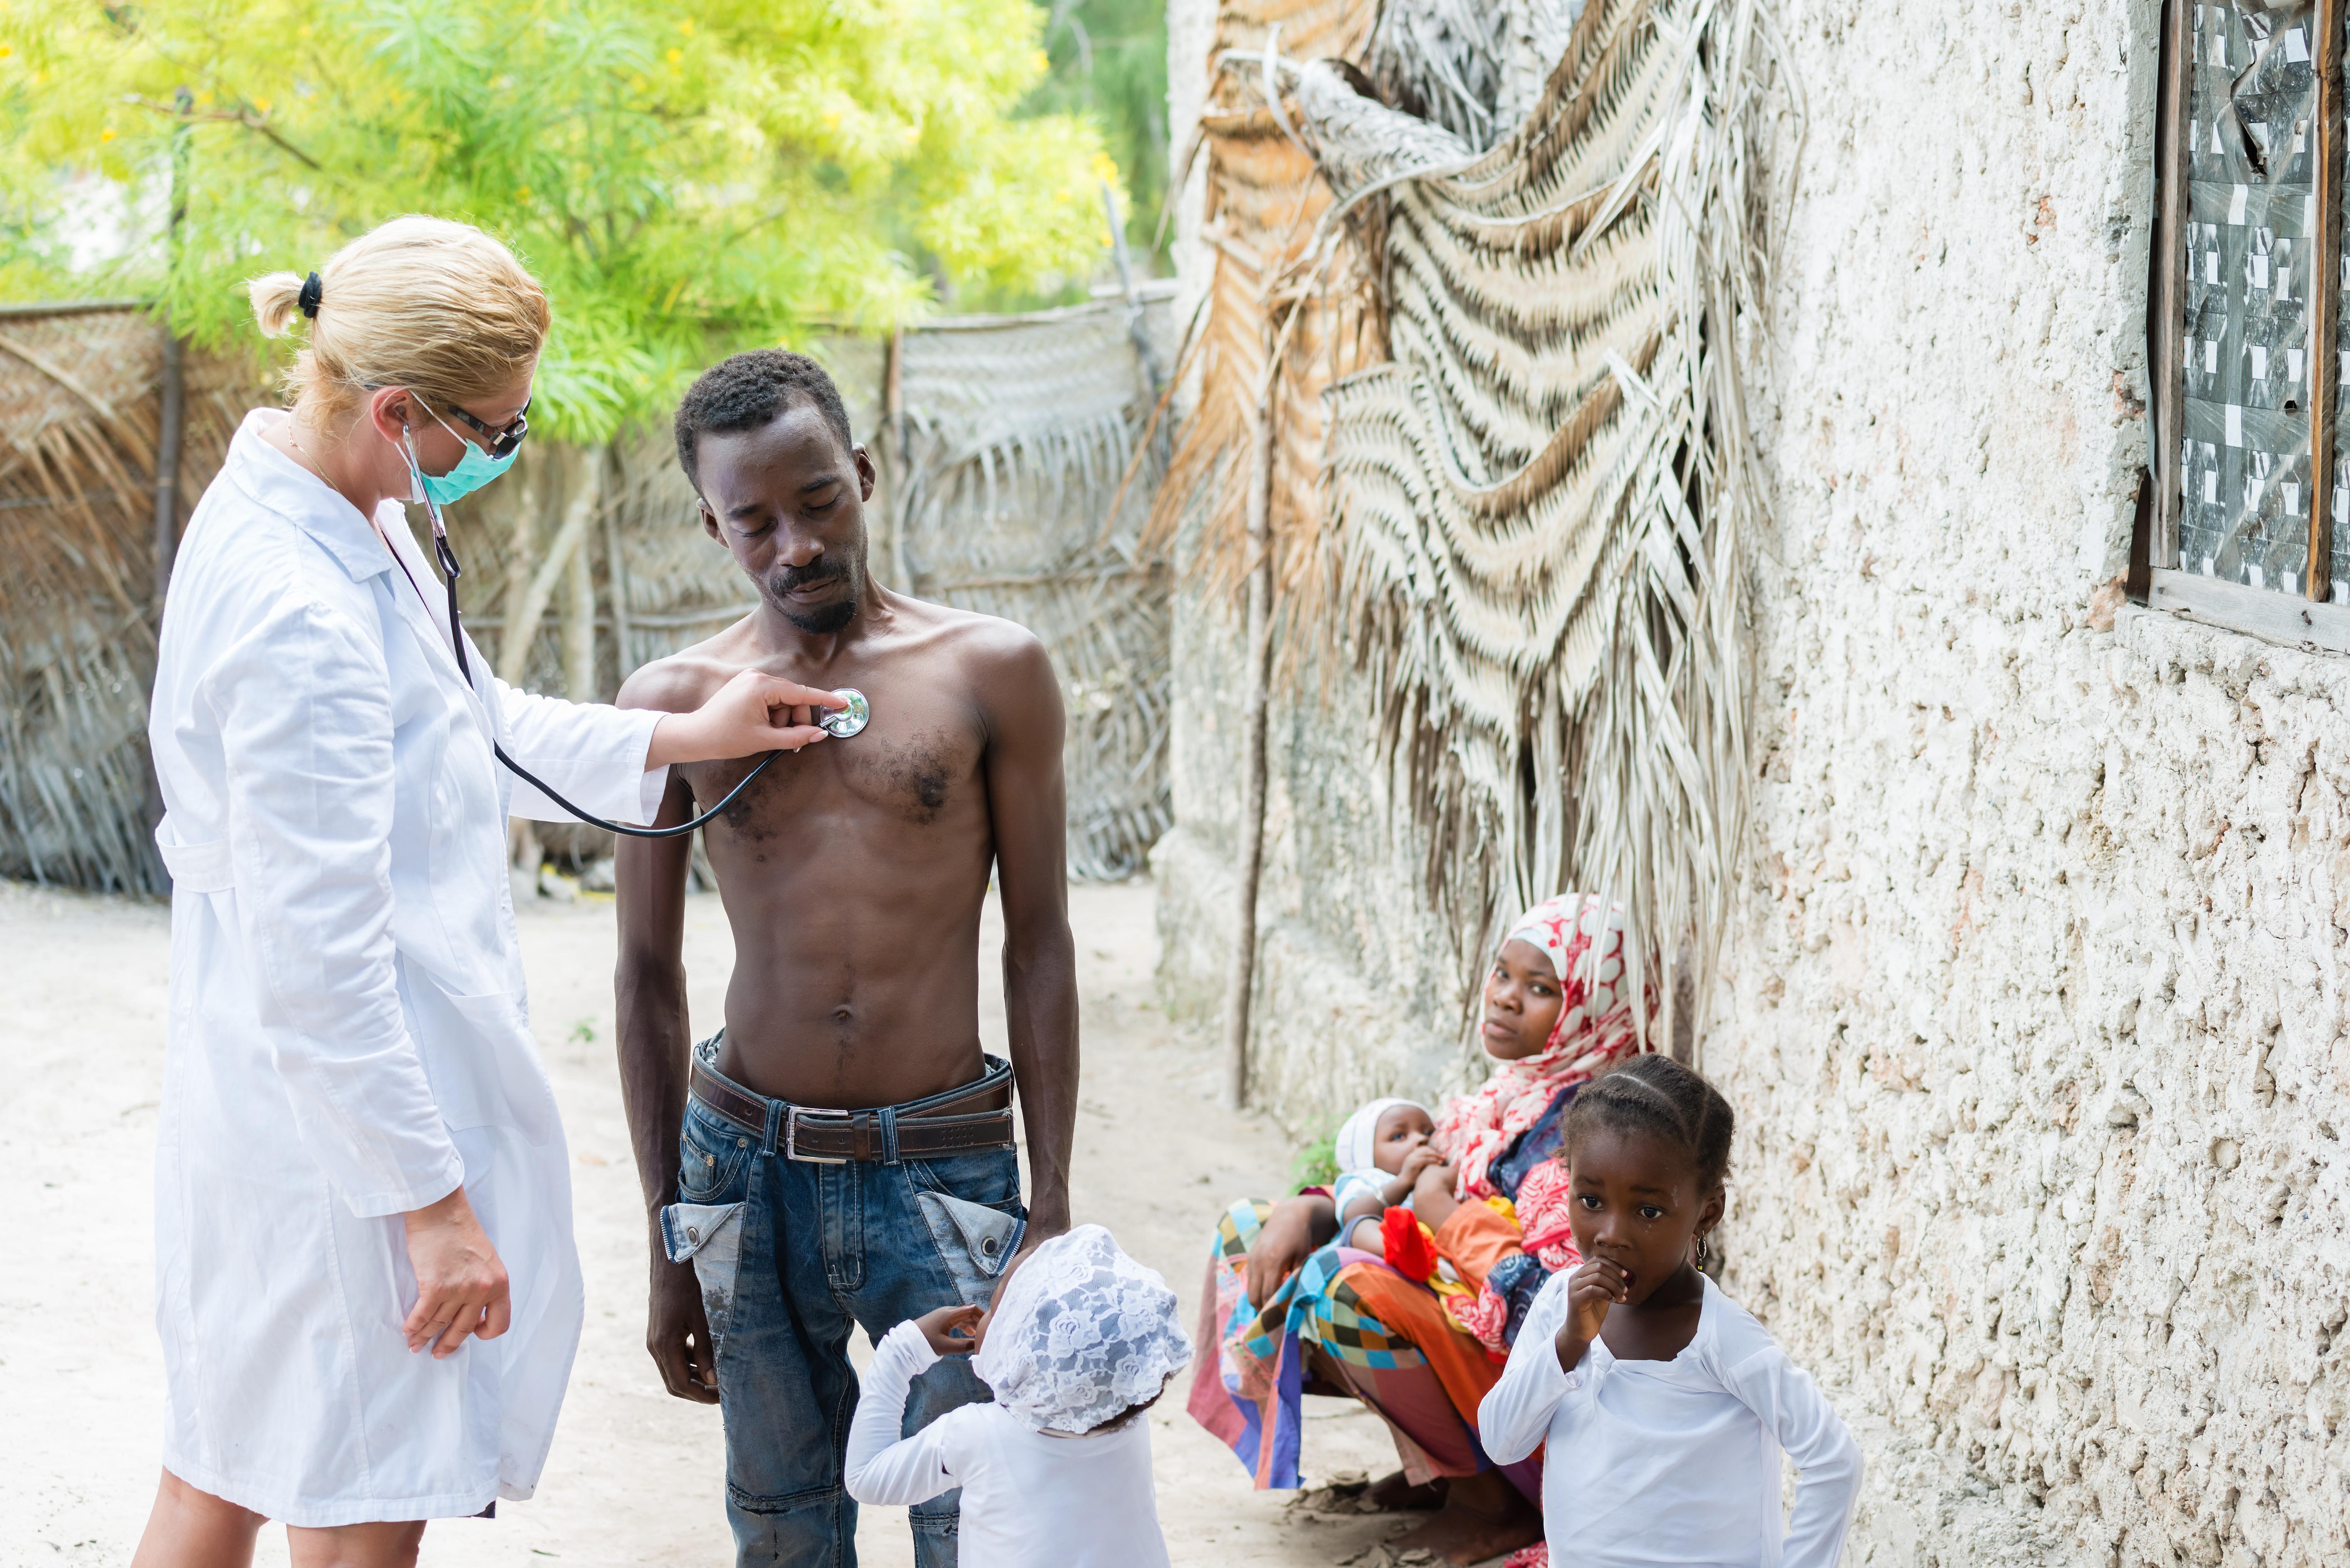 epidemiologists evaluating ebola outbreak